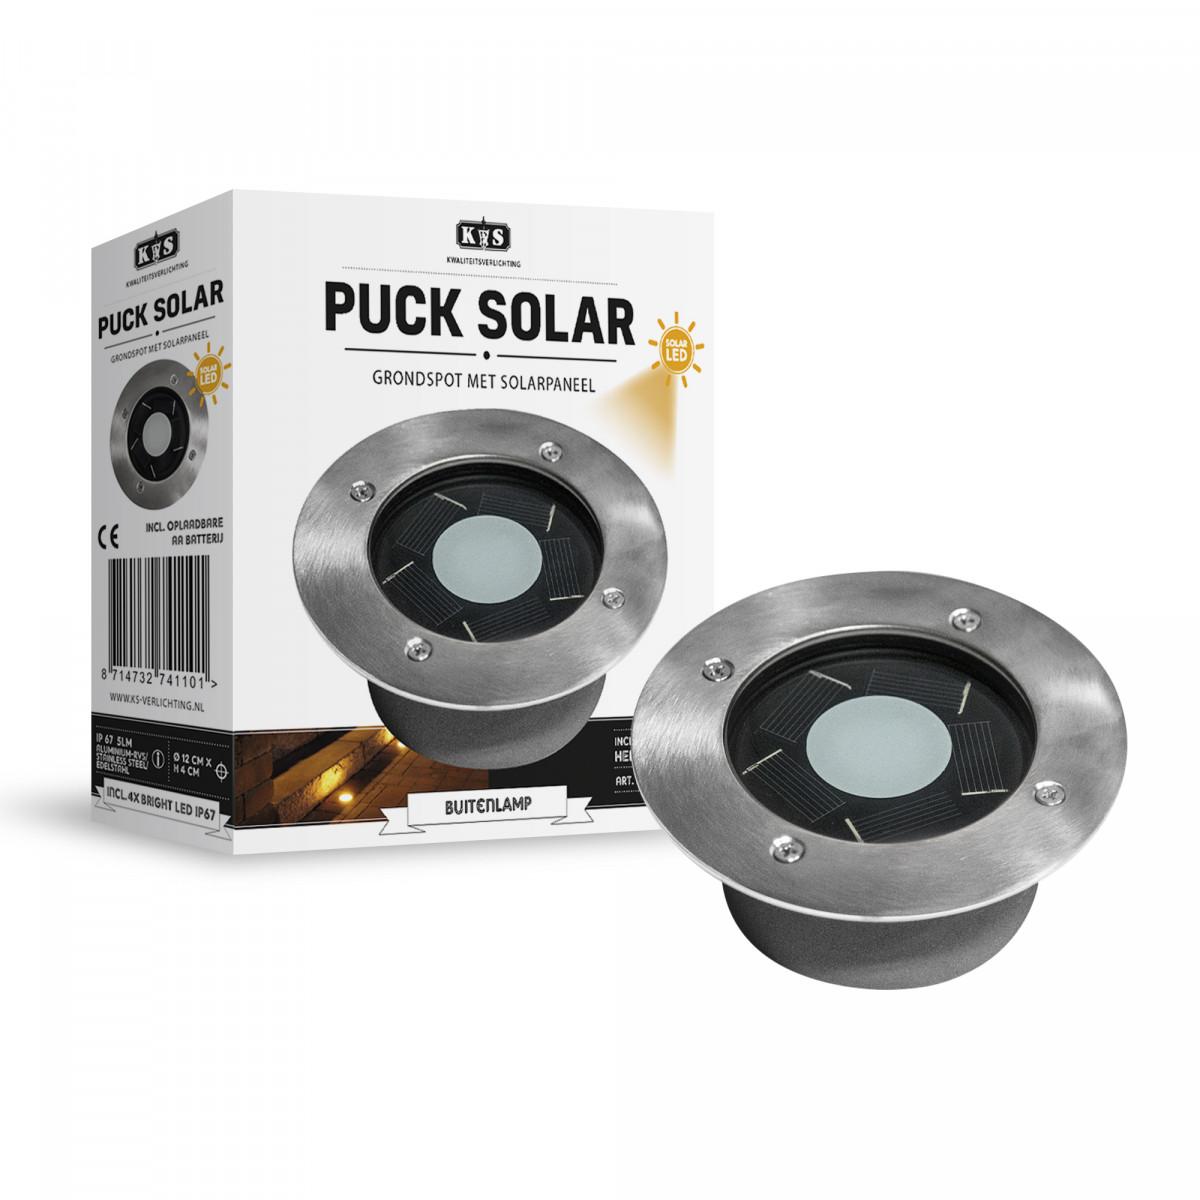 LED Solar Bodeneinbauleuchte rund Puck solar